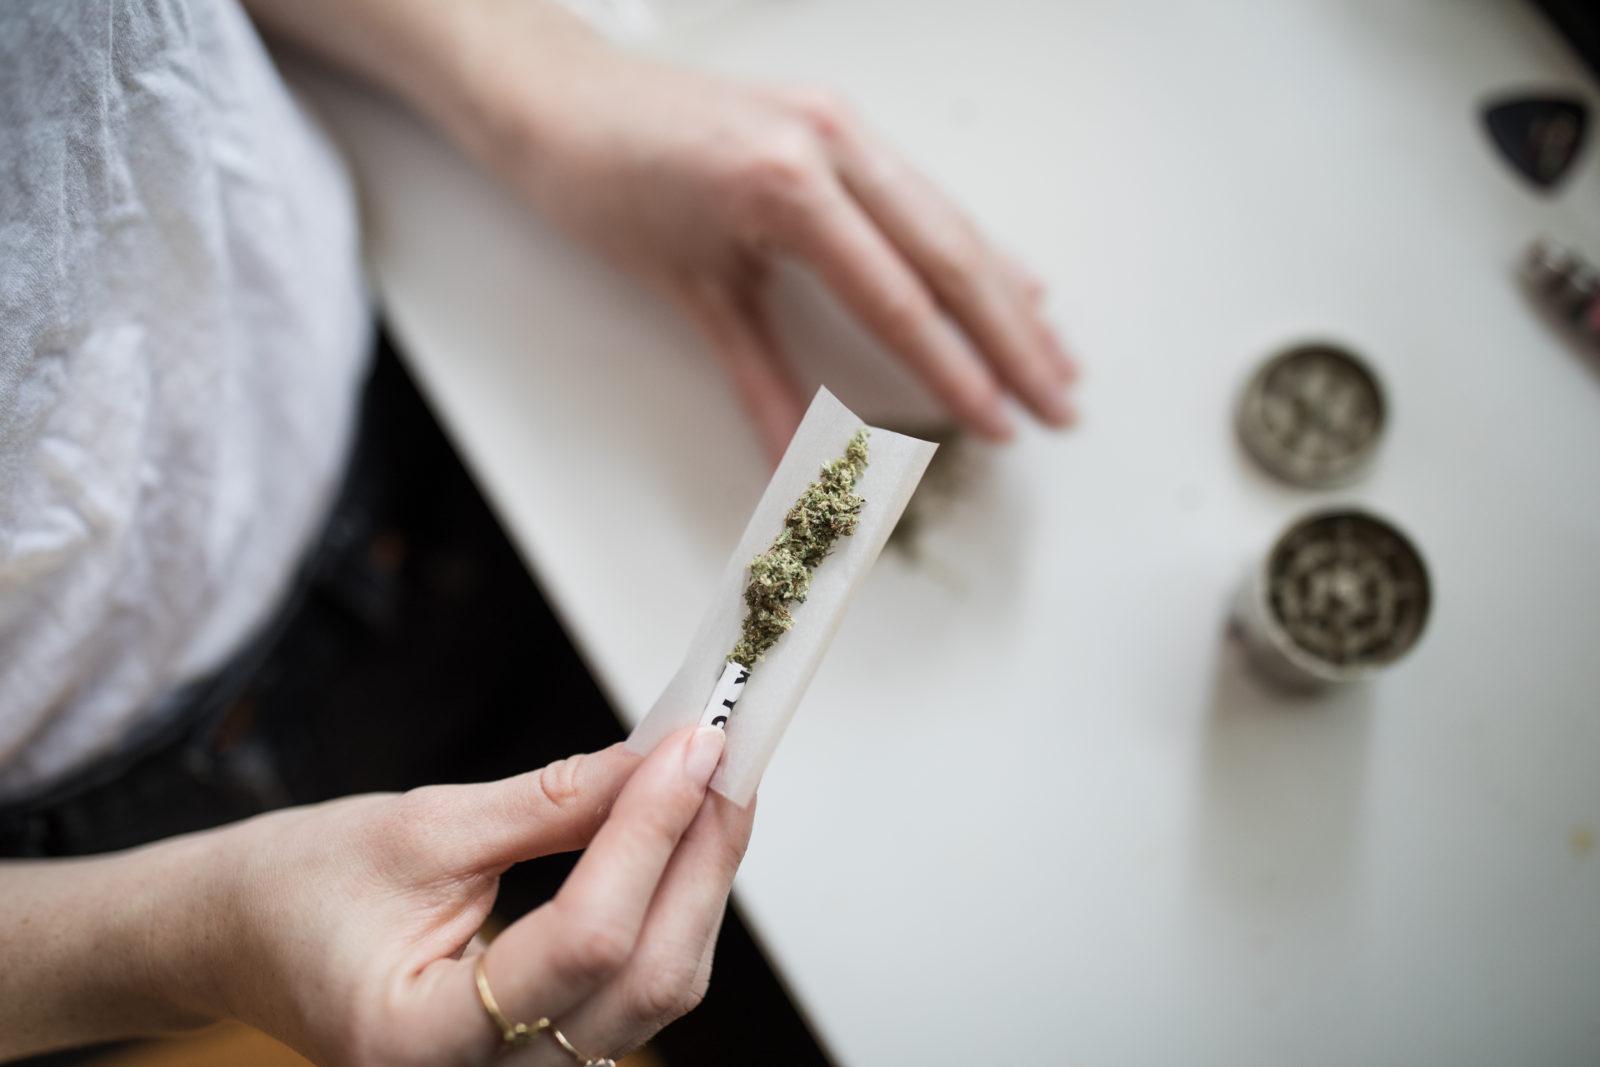 Cannabis Paper